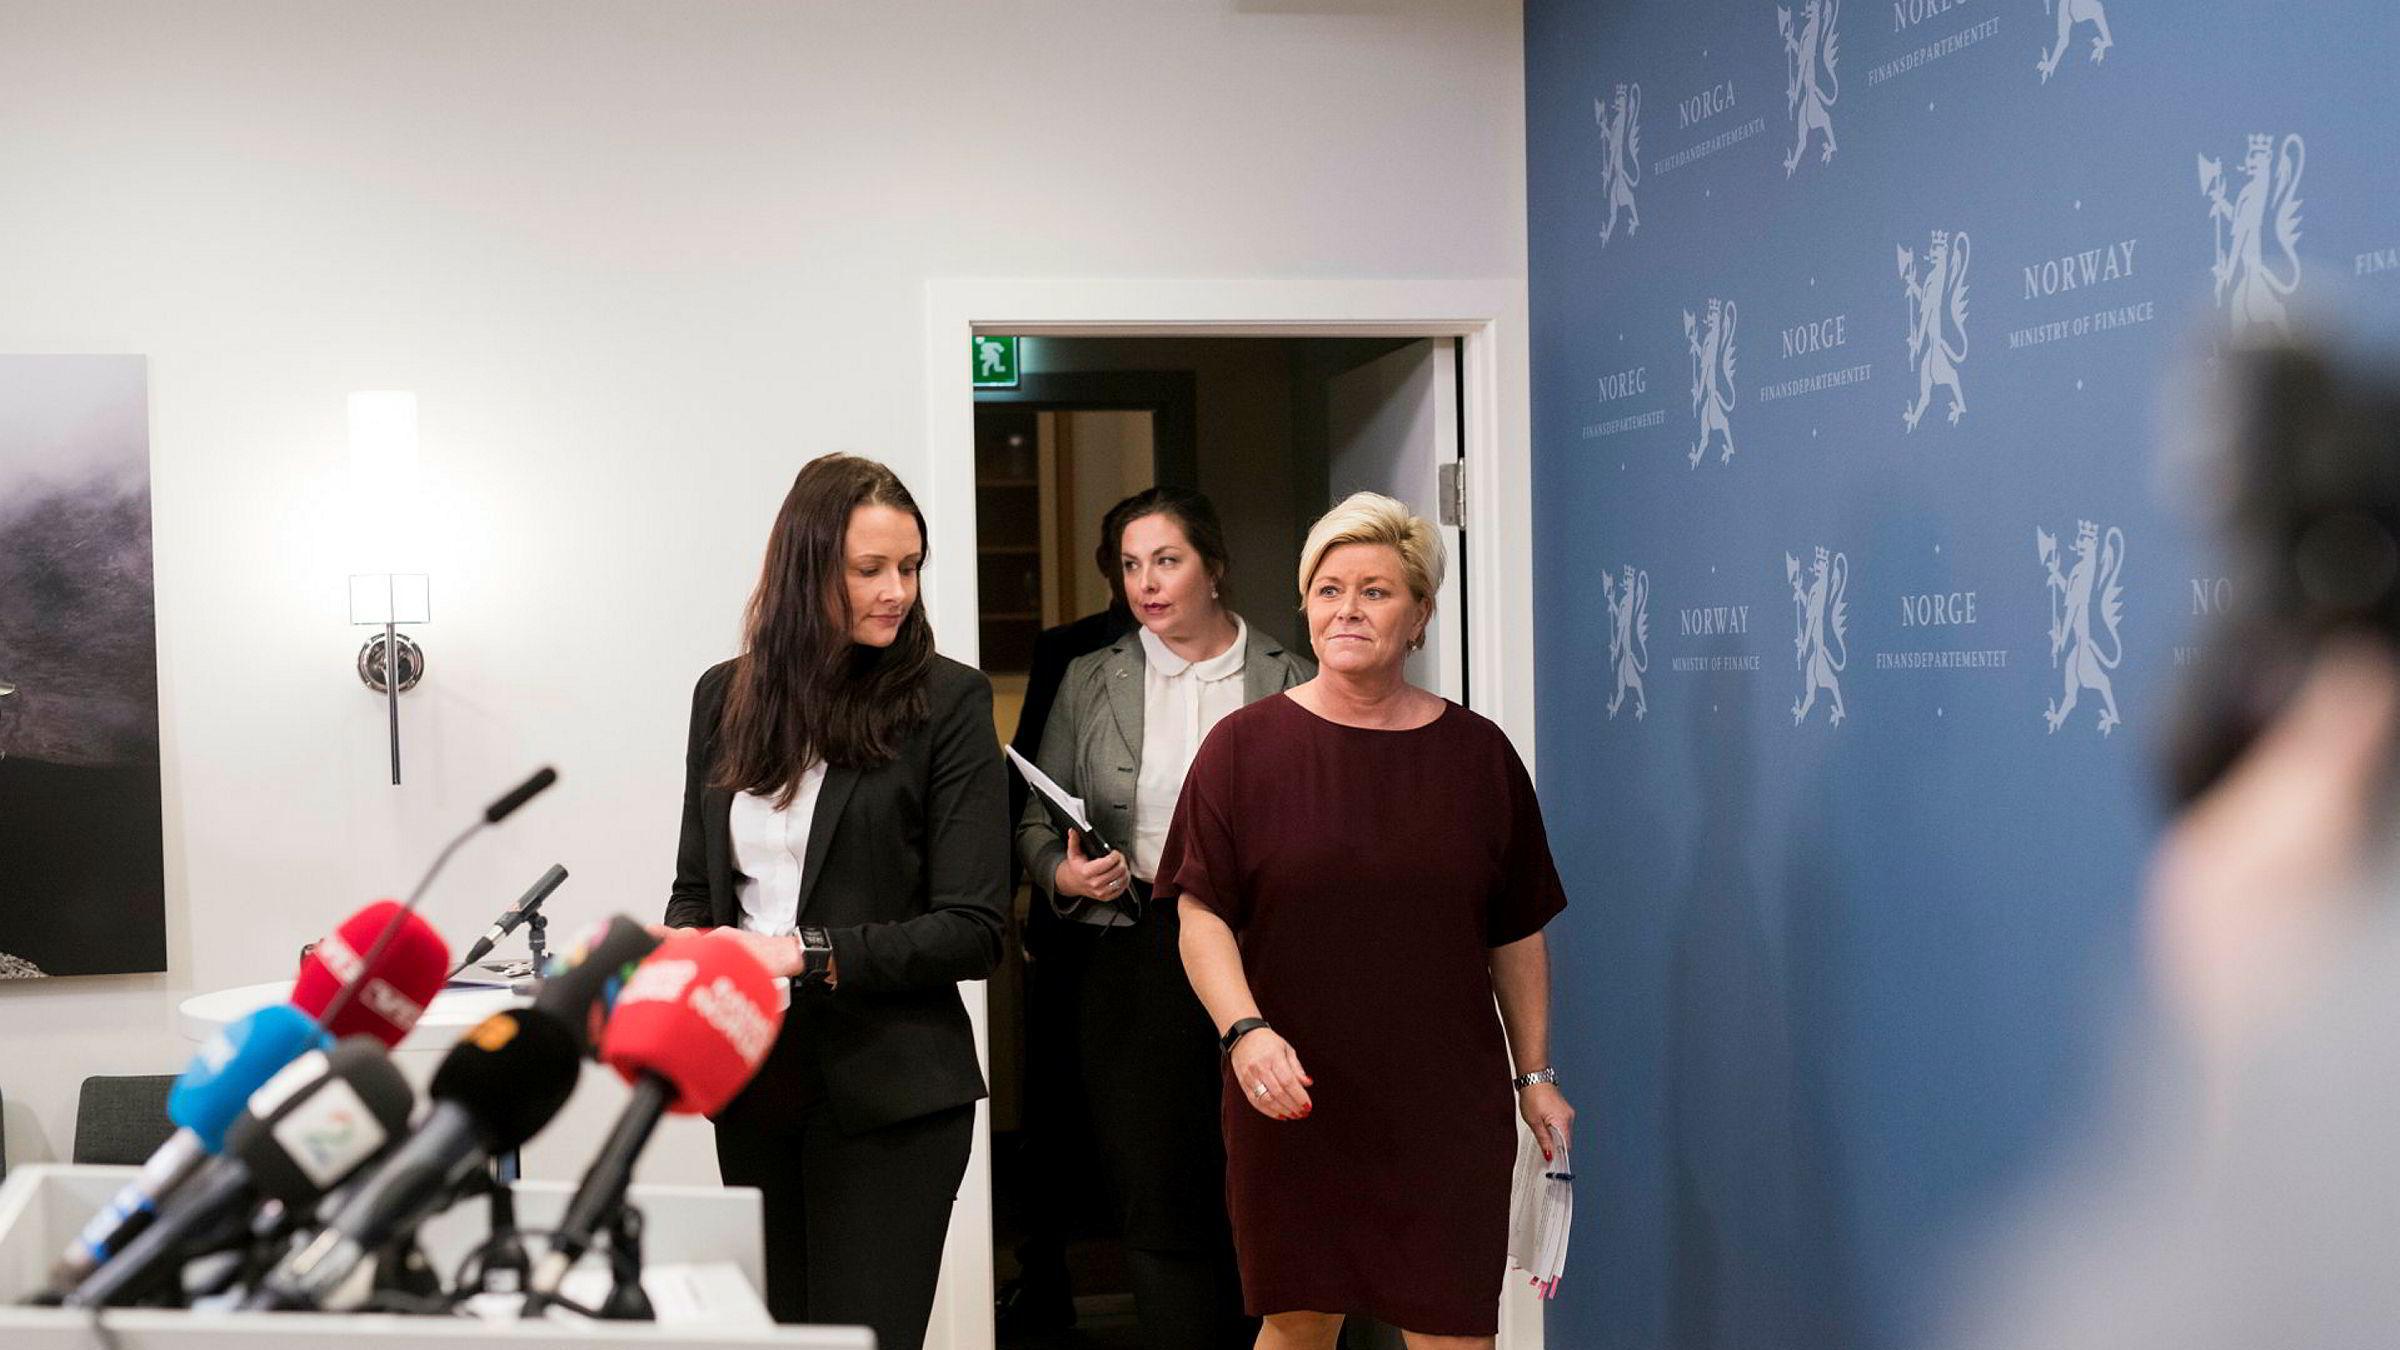 Kommunikasjonssjef Therese R. Wålen (til venstre) sier Christine Meyers versjon av samtalene mellom departementet og den nå avgåtte SSB-sjefen er sterkt misvisende.